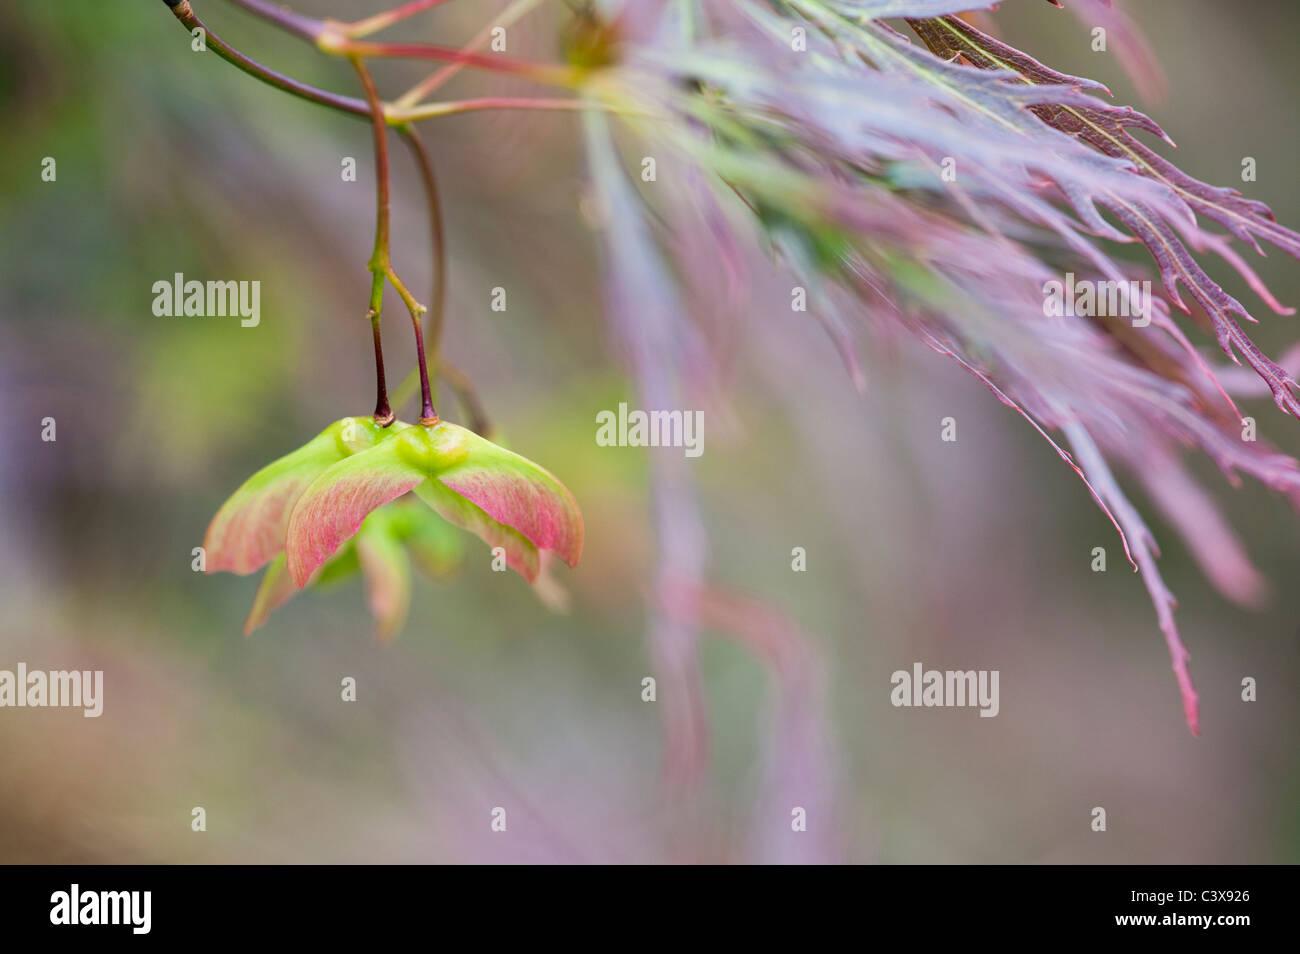 Acer Palmatum var. Dissectum. Glatte japanischer Ahorn Baumblätter und Samenkapseln Stockfoto